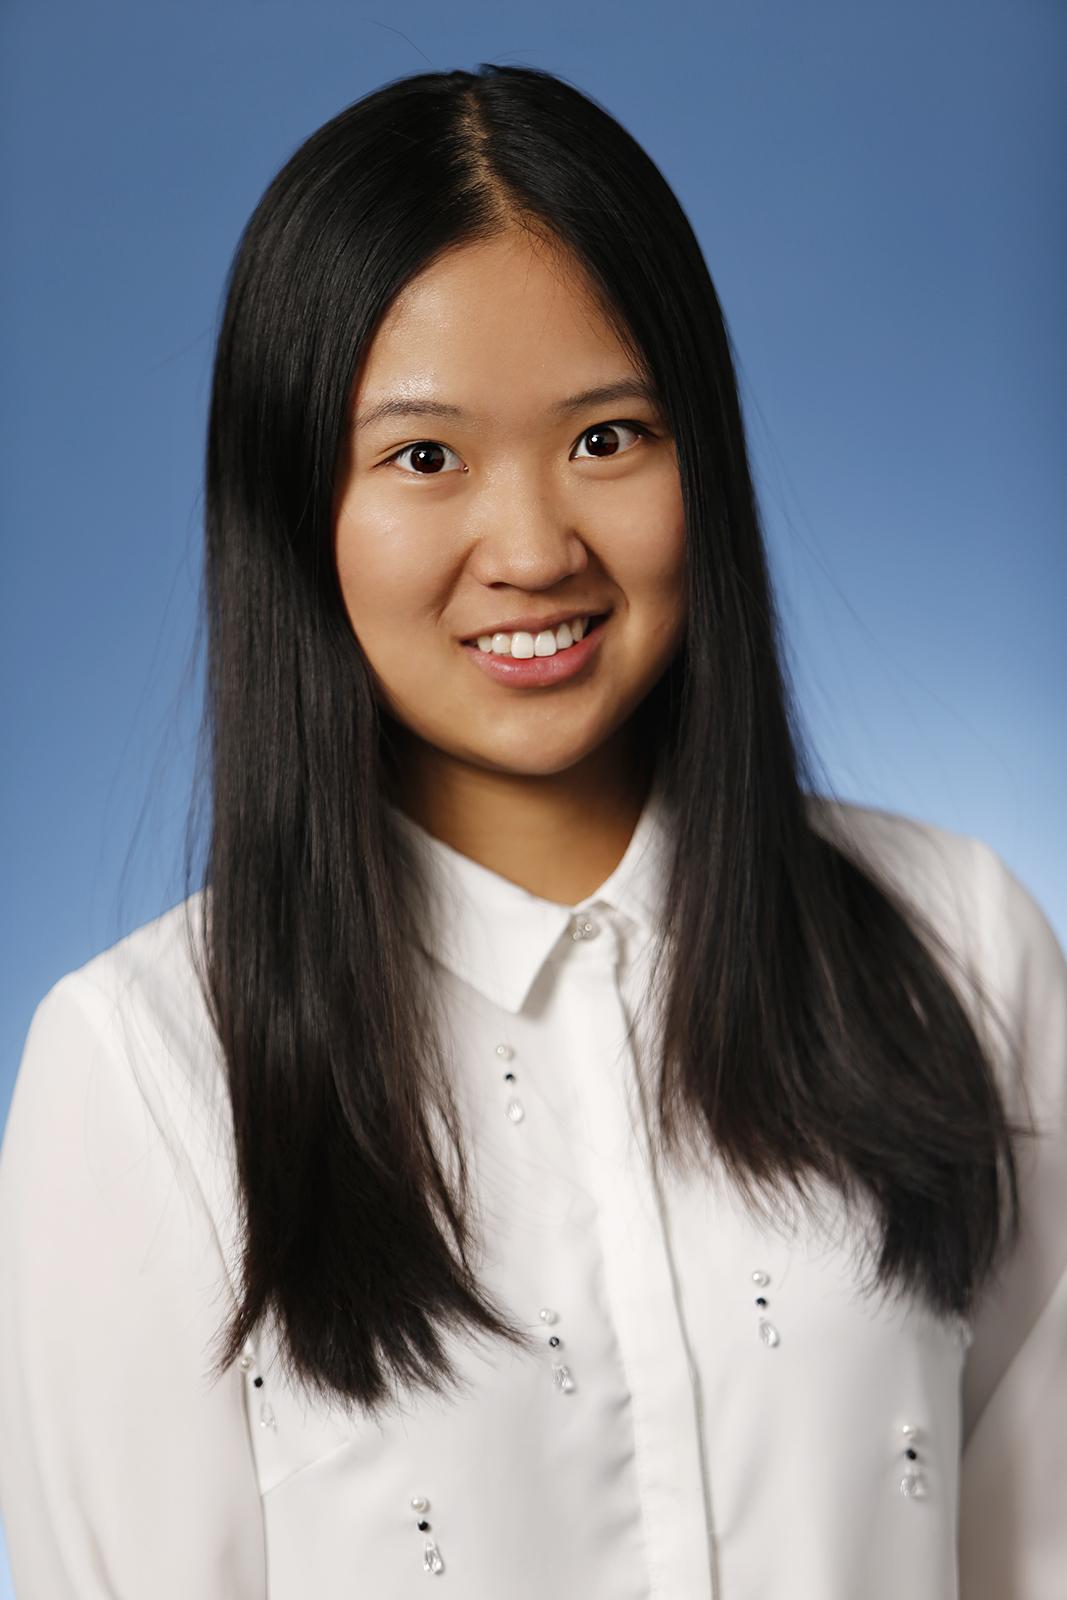 Sifan Liu